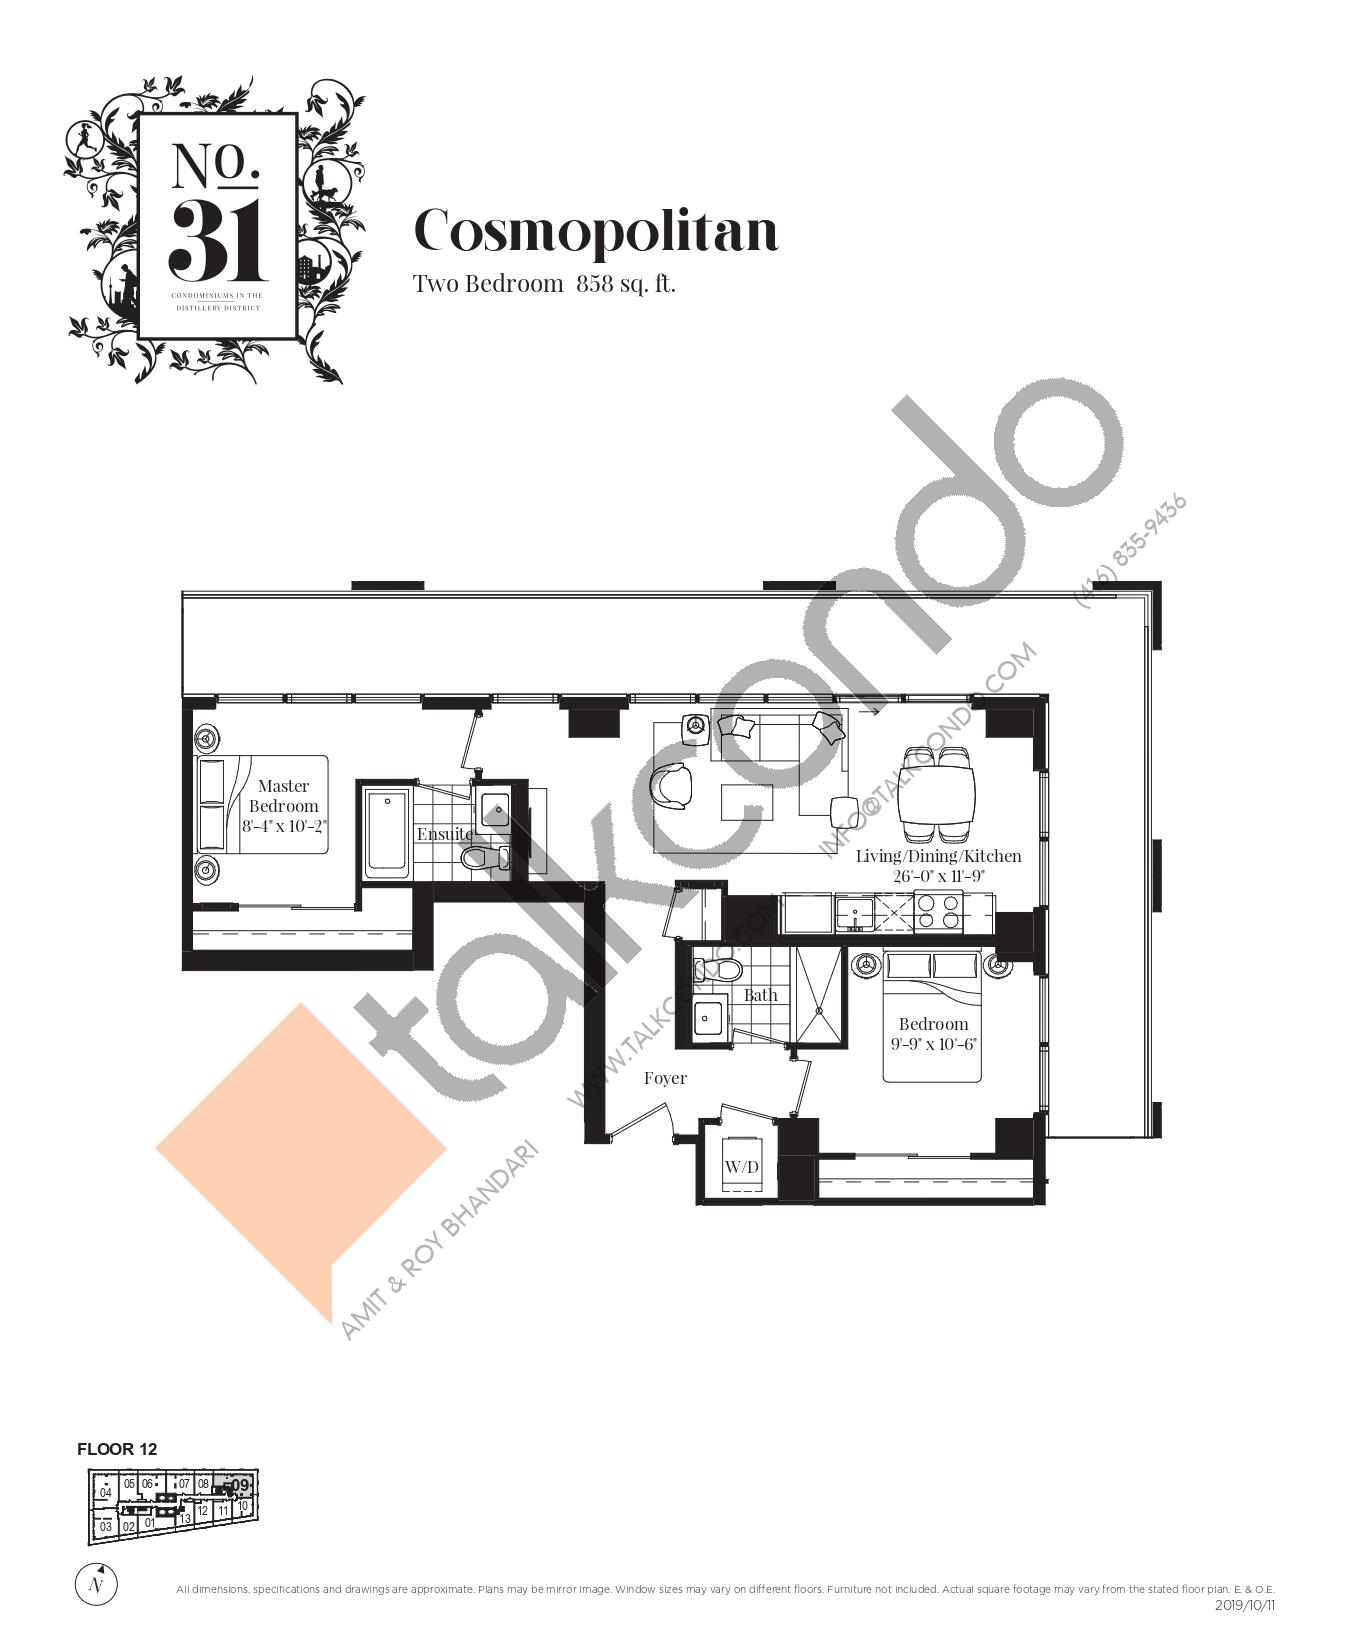 Cosmopolitan Floor Plan at No. 31 Condos - 858 sq.ft